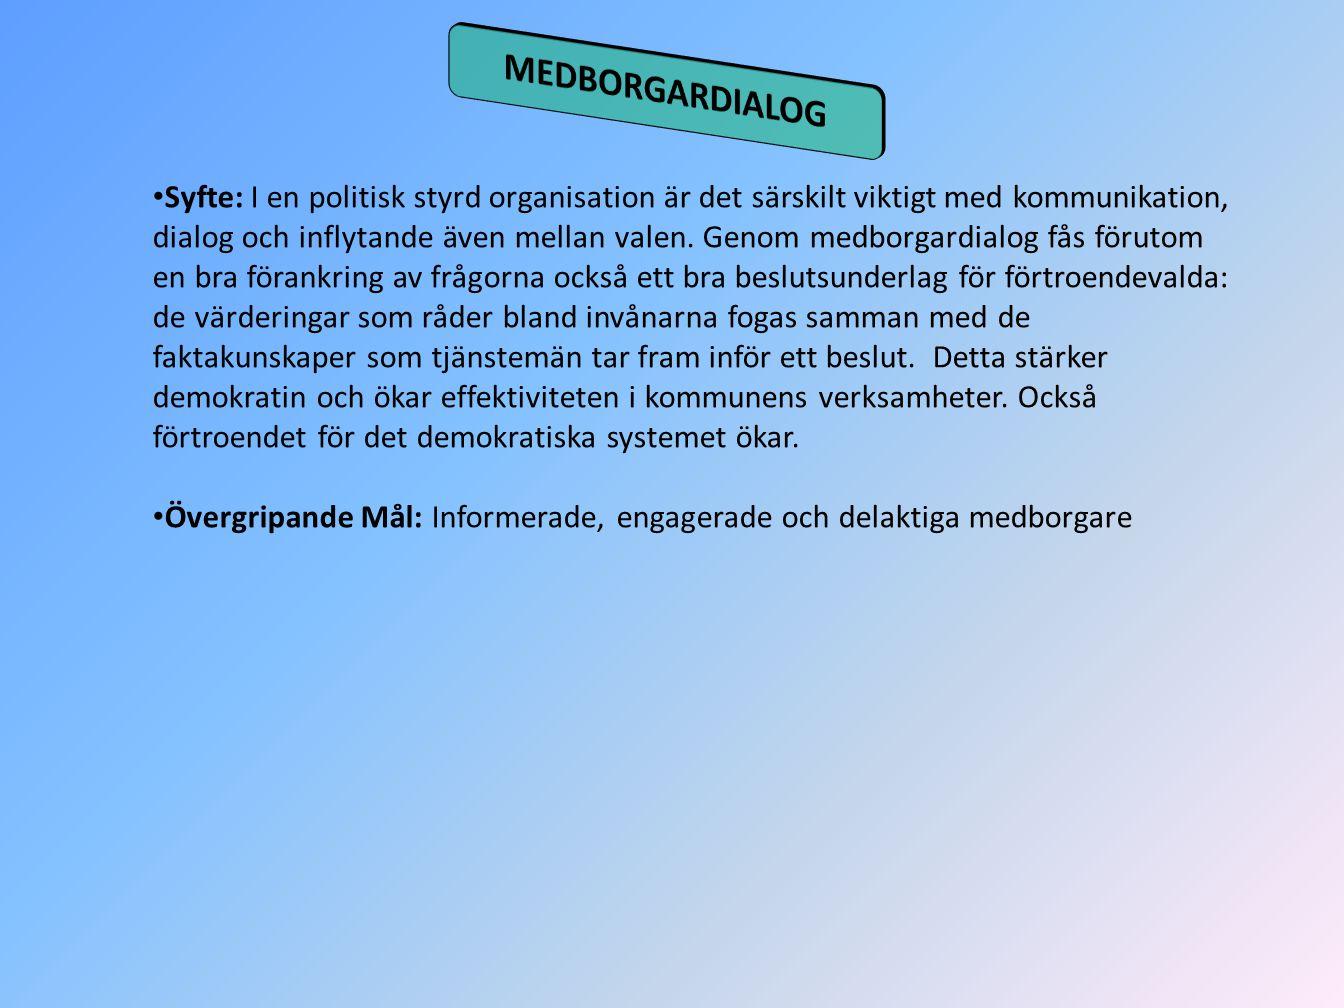 Syfte: I en politisk styrd organisation är det särskilt viktigt med kommunikation, dialog och inflytande även mellan valen. Genom medborgardialog fås